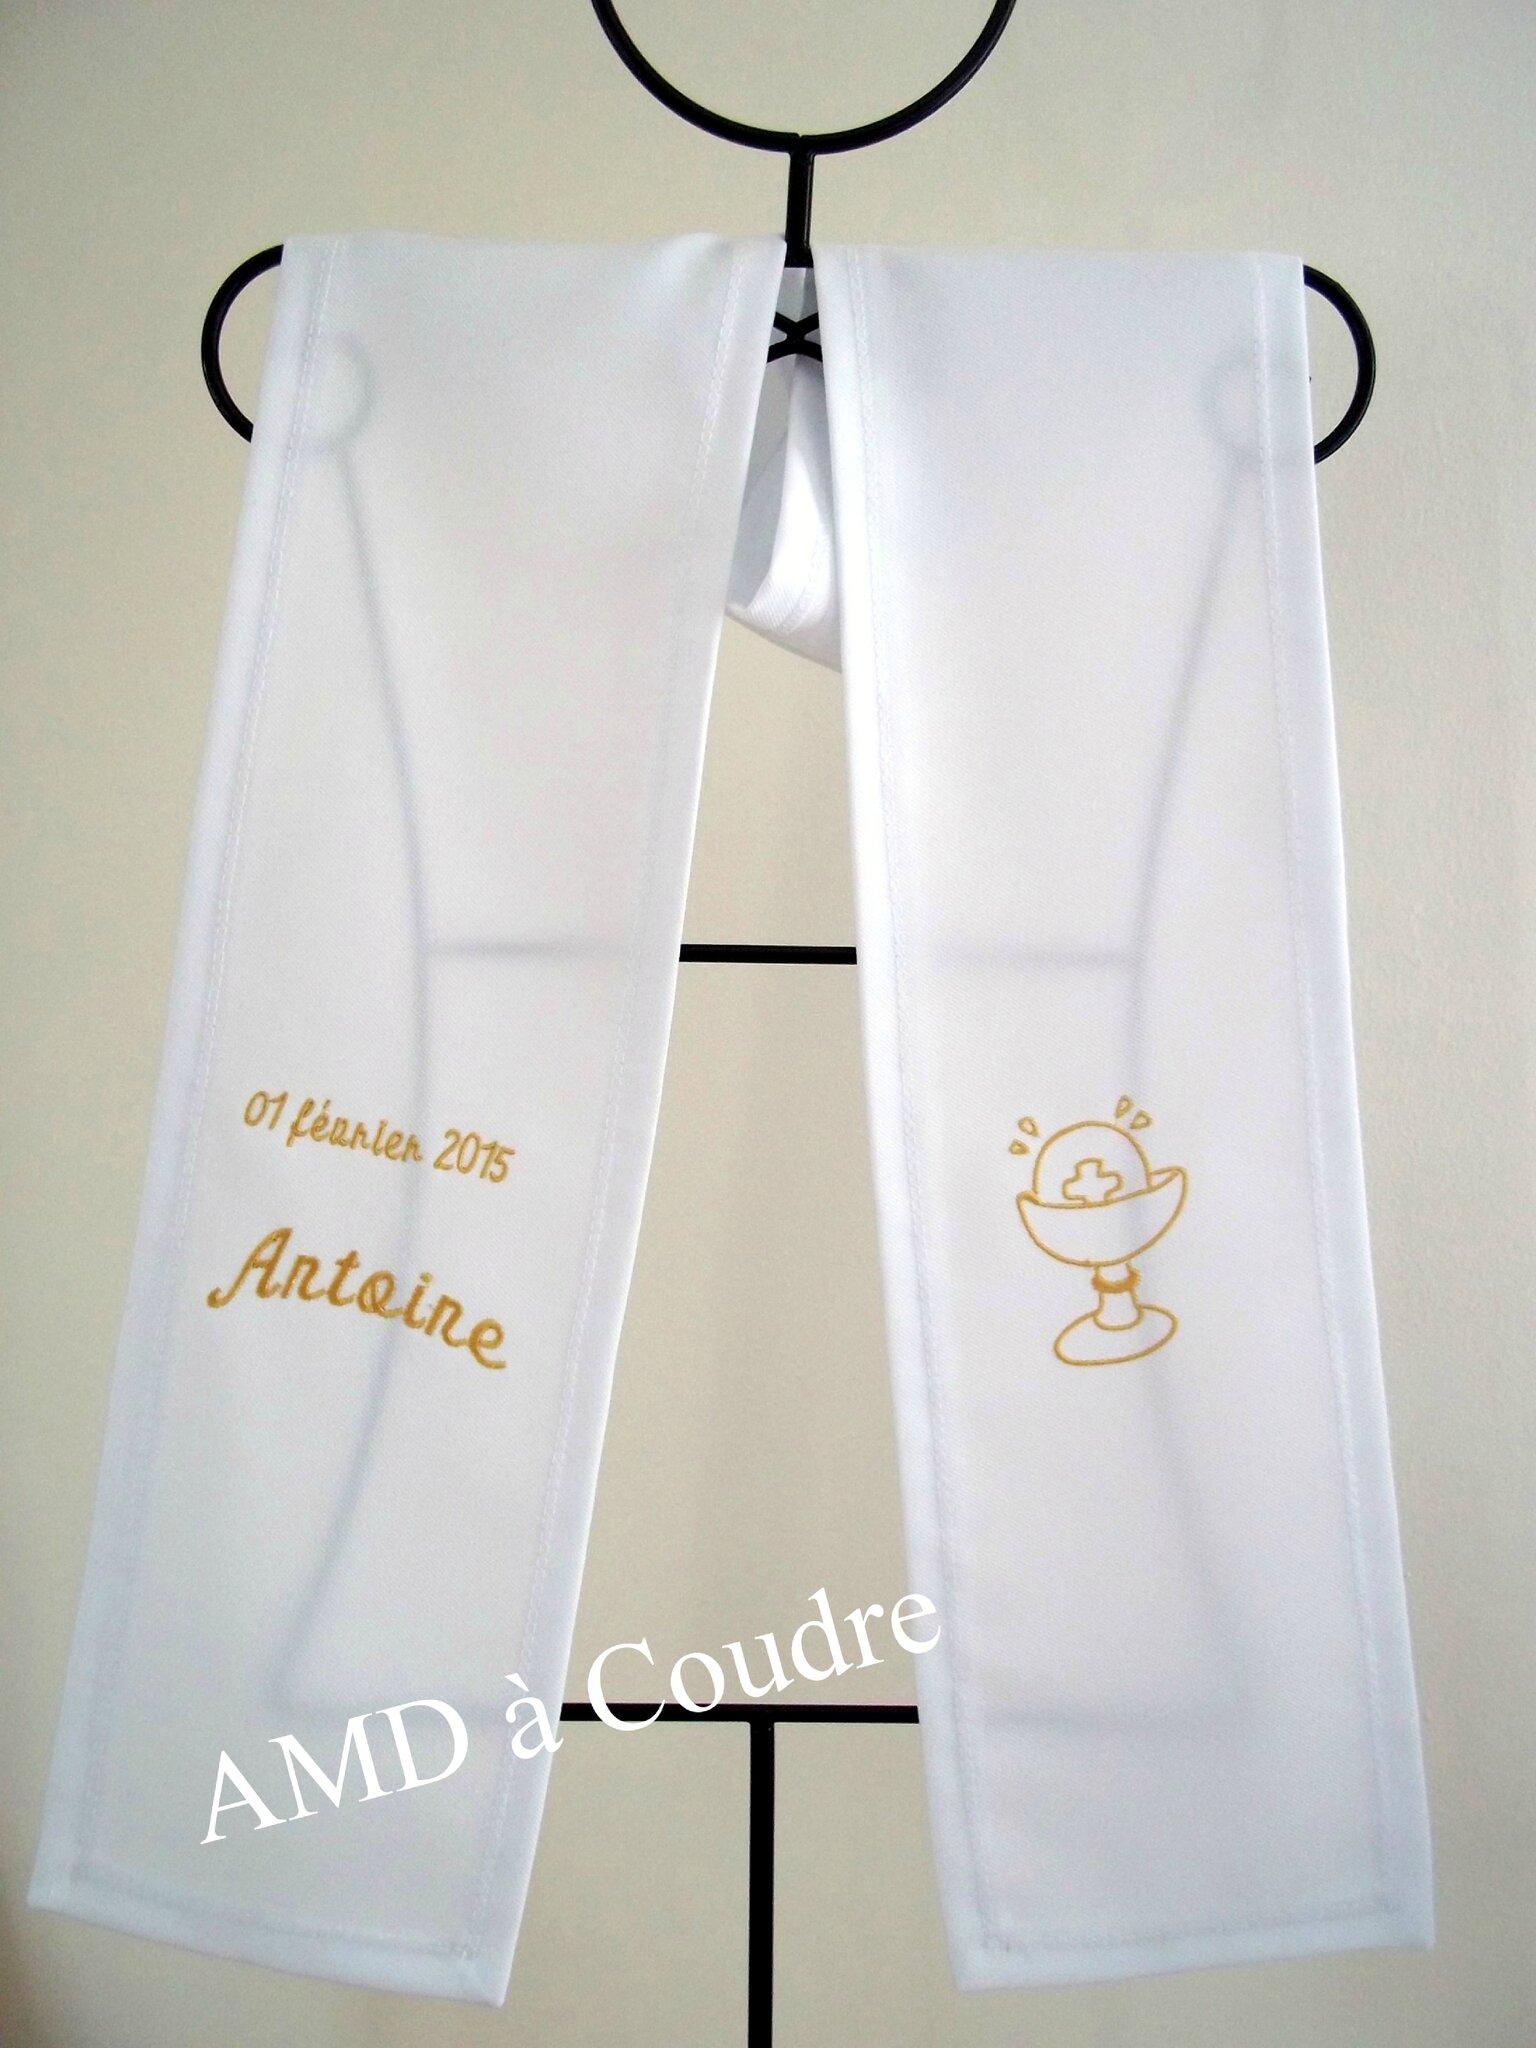 echarpe de communion polyester personnalisée par amd a coudre (6)